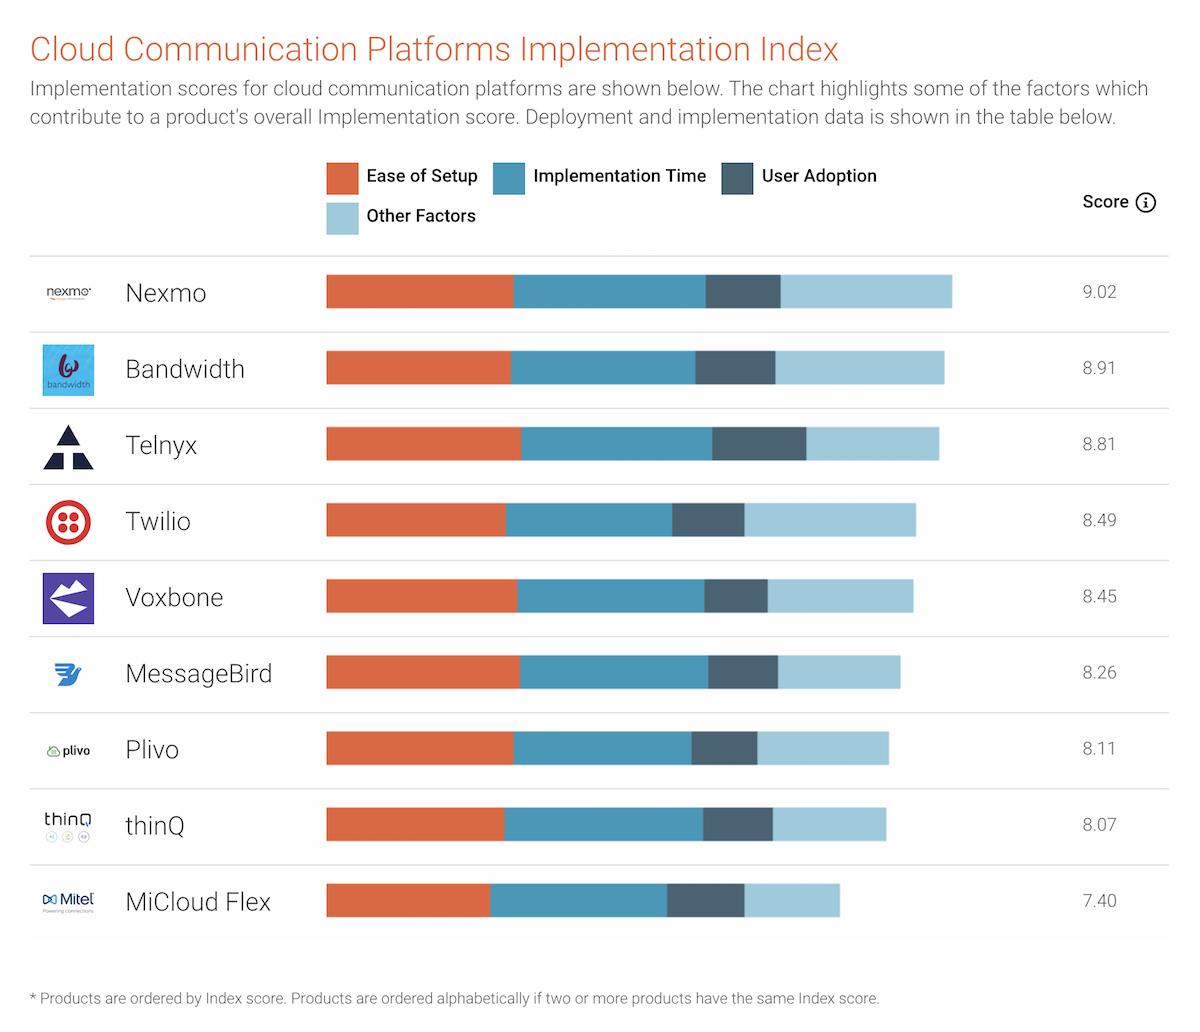 Cloud Communication Platforms Implementation Index